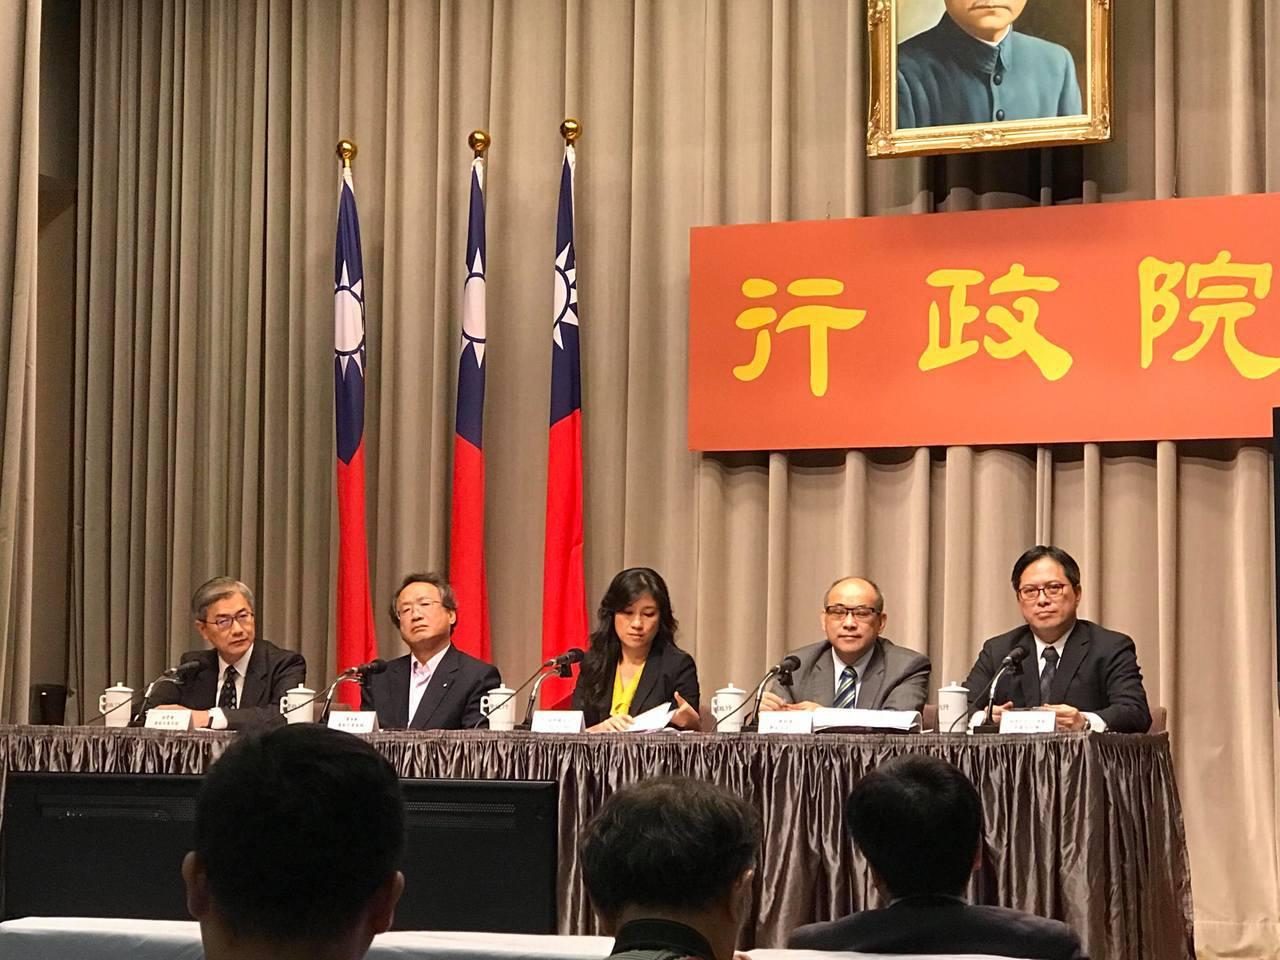 行政院發言人Kolas Yotaka(中),進行院會後轉述。記者林麒瑋/攝影